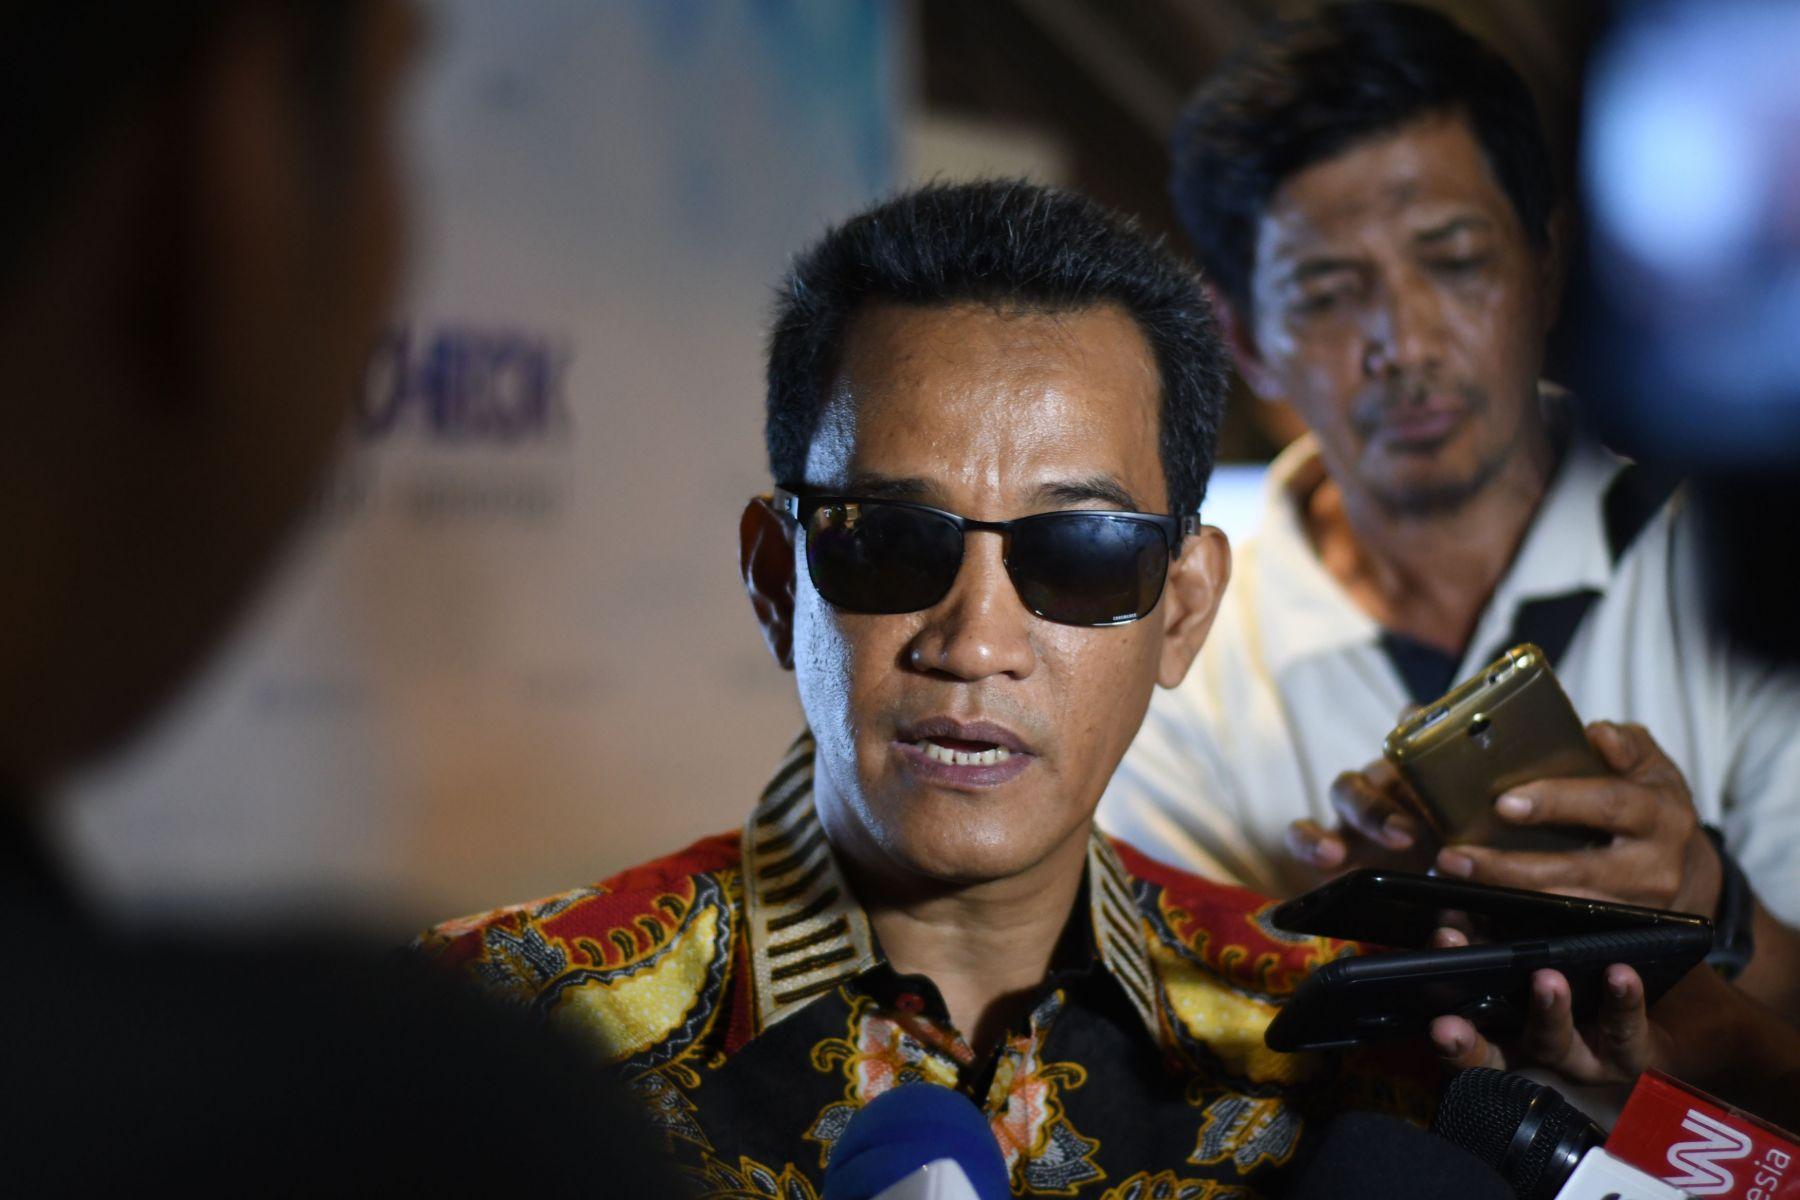 Soal Jokowi Kembali Bikin Kerumunan, Refly Harun: Jokowi Mestinya Mendapatkan Sanksi Lebih Berat dari HRS